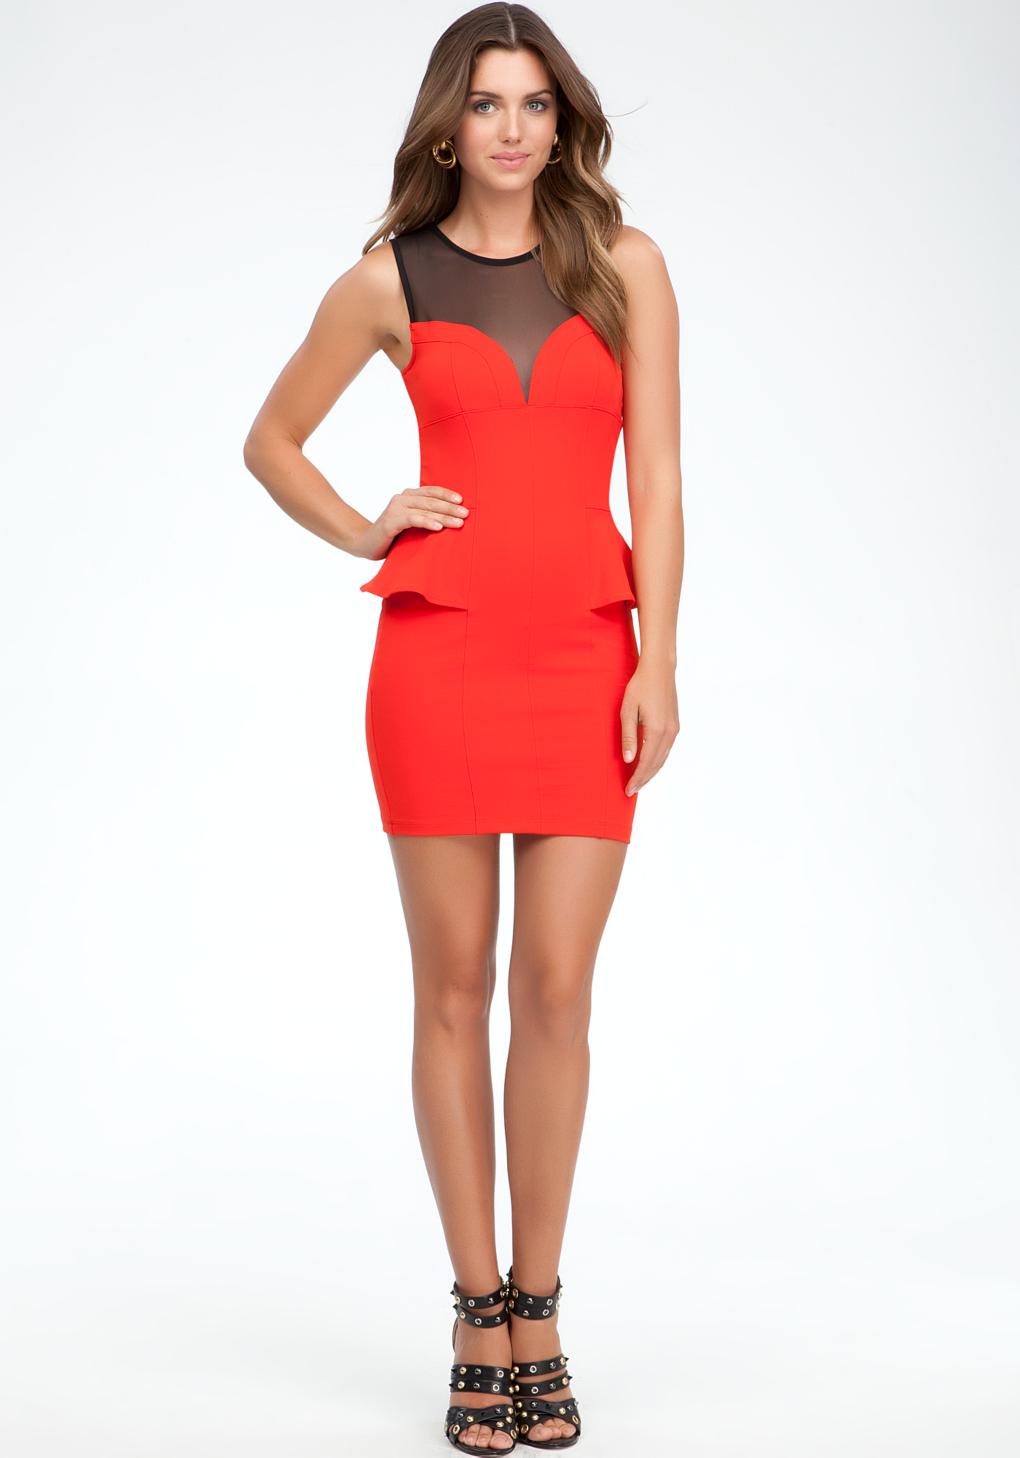 Bebe Mesh Yoke Peplum Dress In Red Lyst